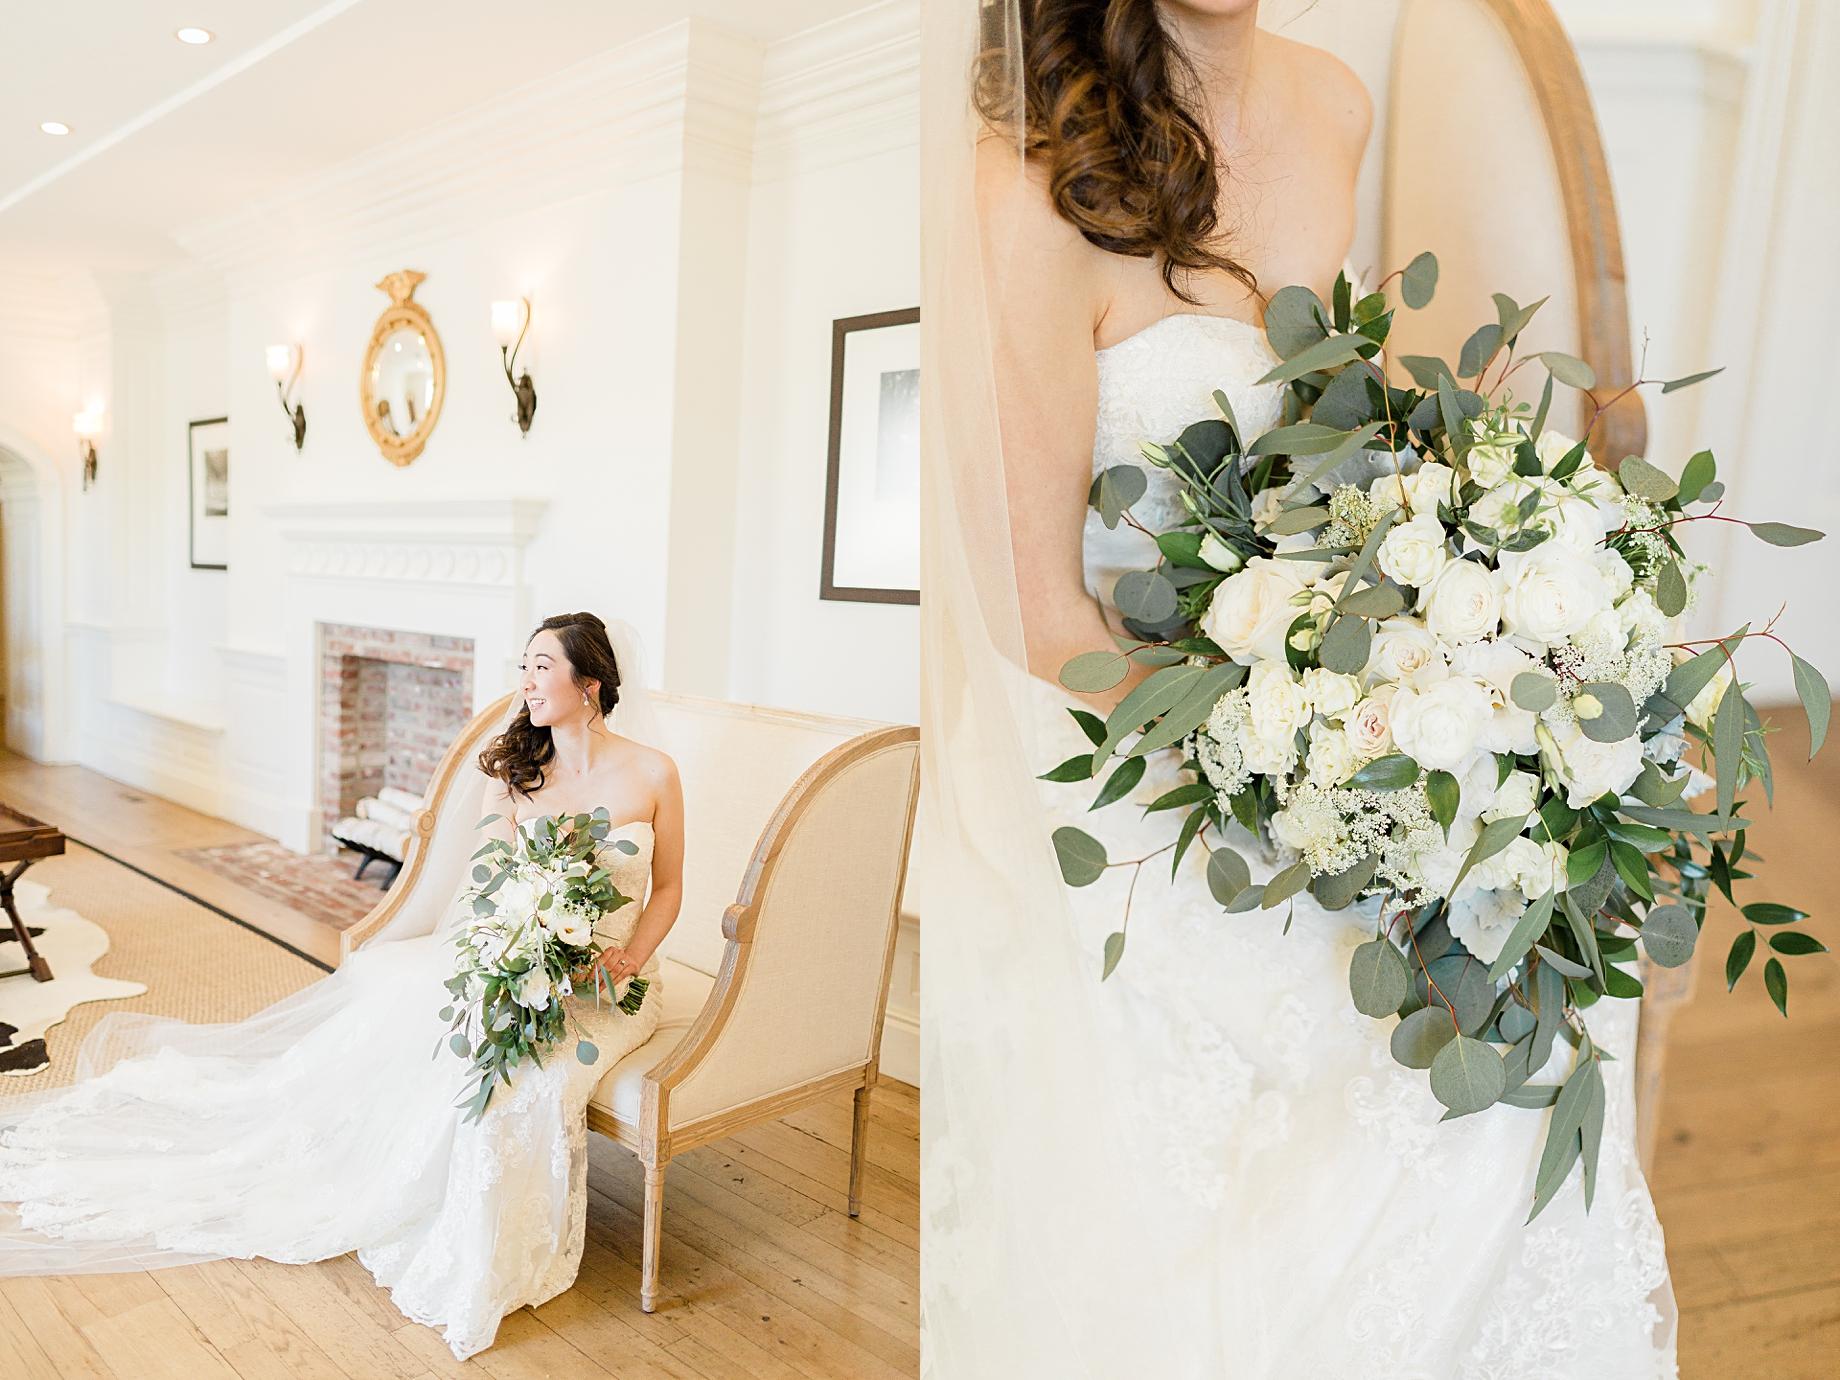 Elegant Winter Wedding at French Creek Golf Club bouquet by blue moon florist